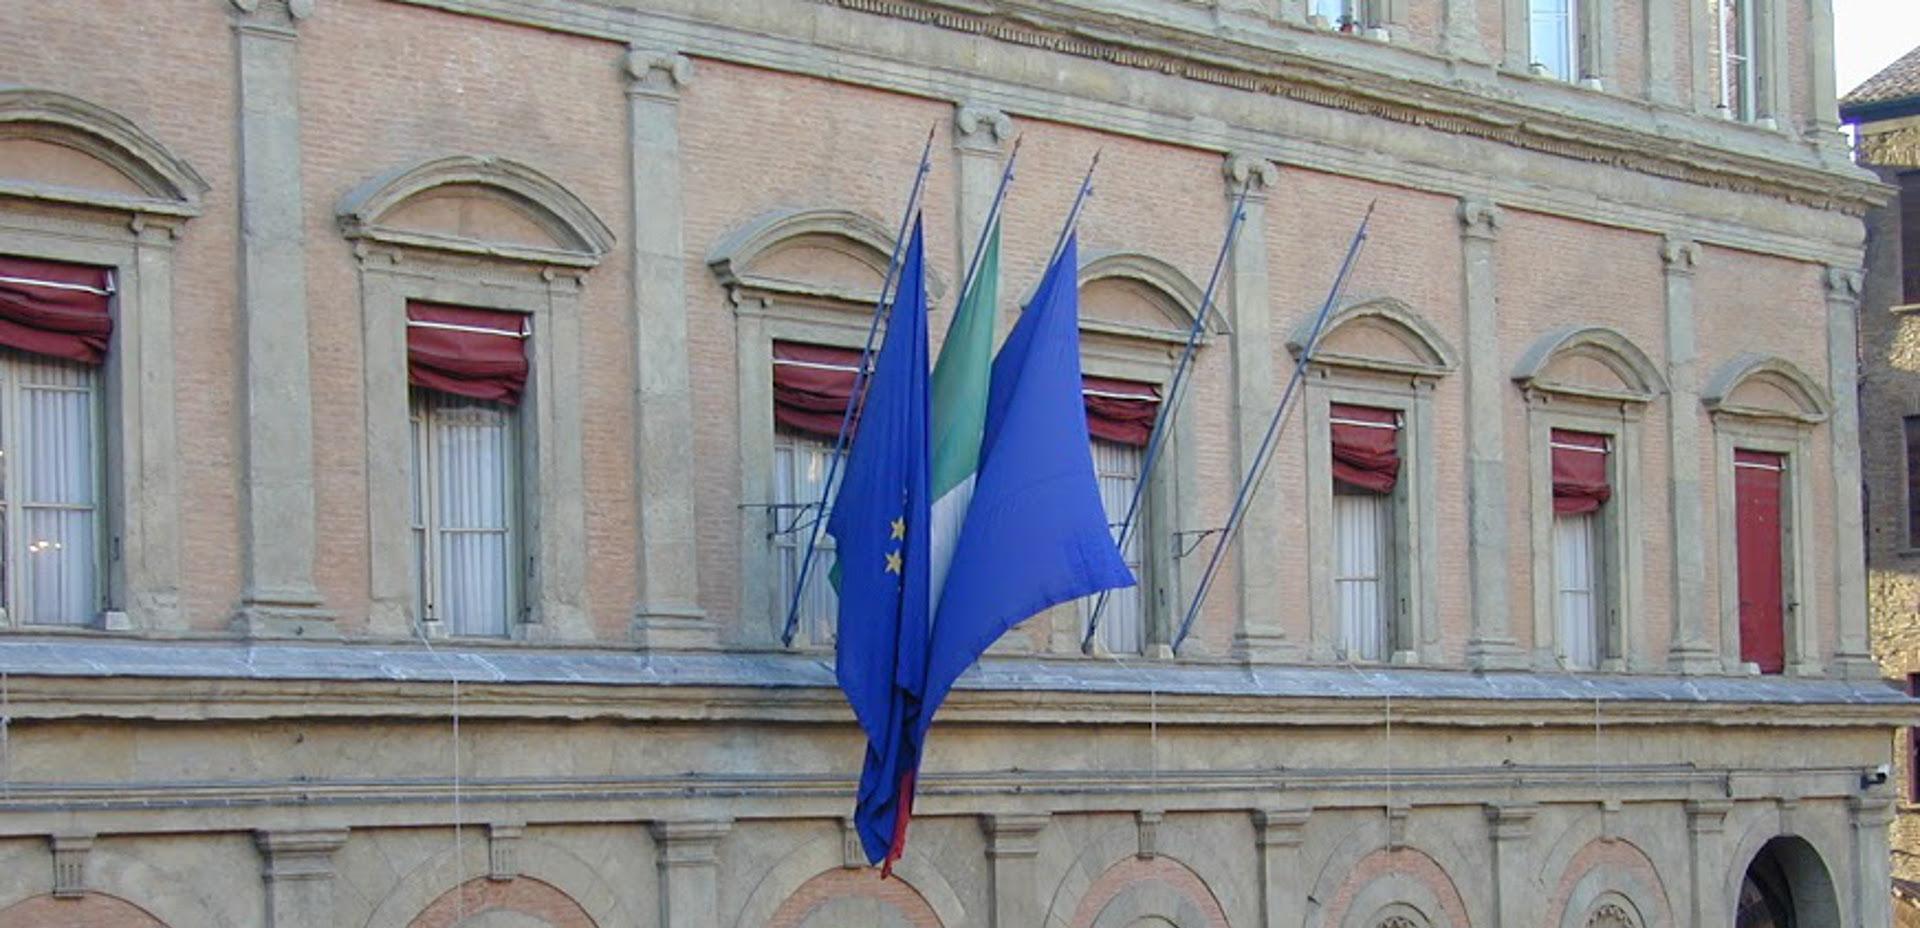 Facciata di palazzo Malvezzi